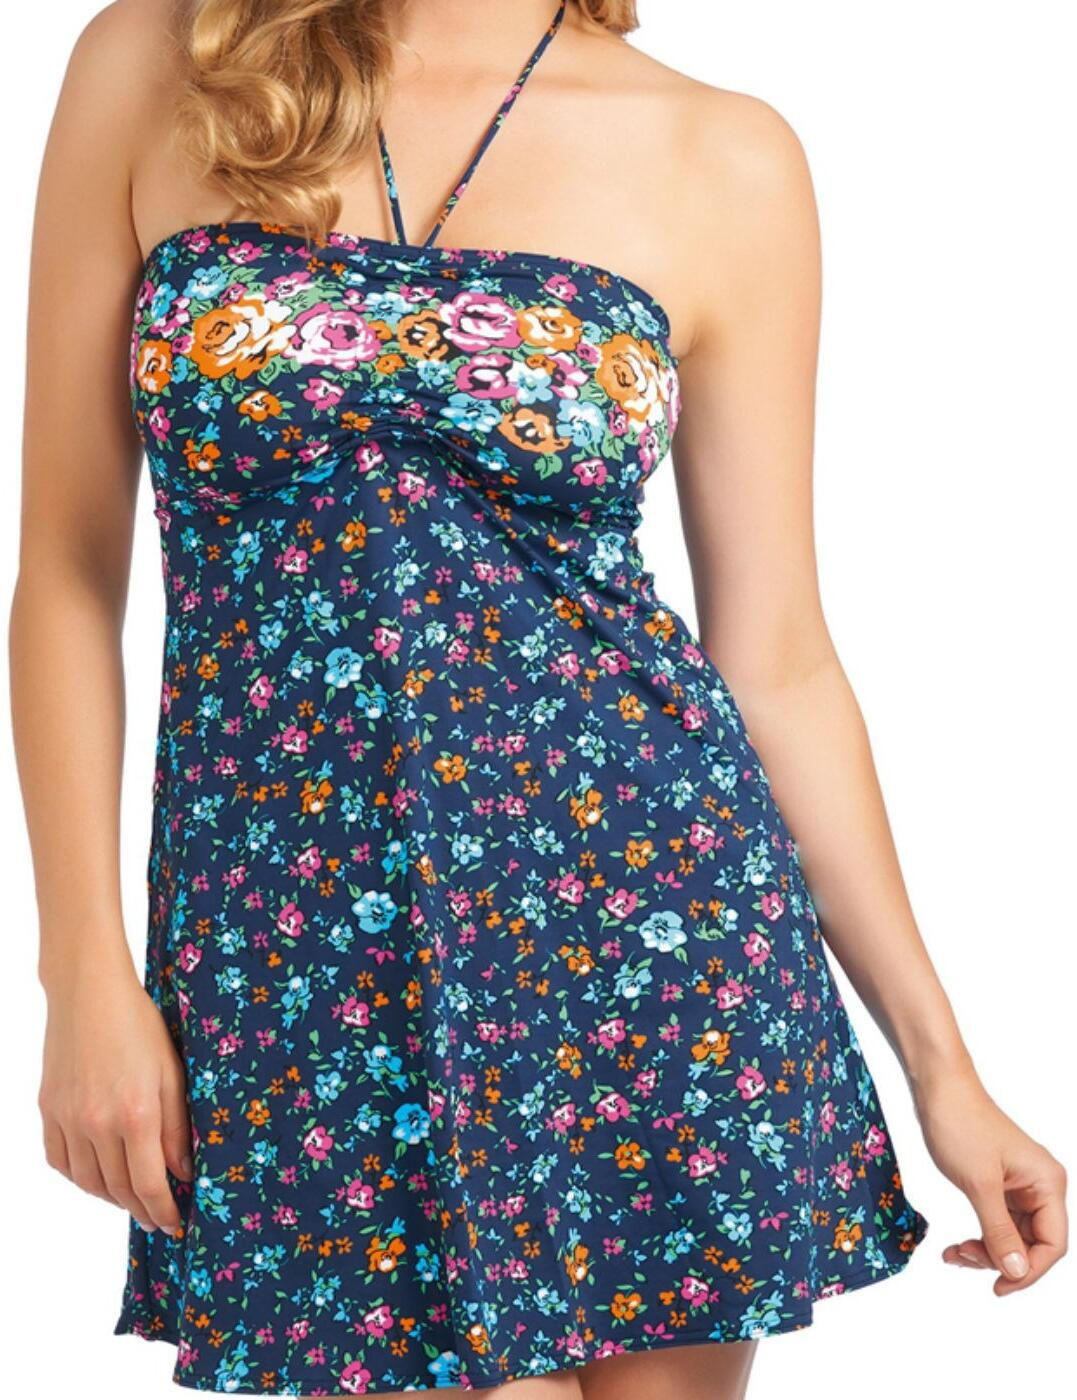 3649 Freya Memphis Bandeau Beach Dress - 3649 Beach Dress